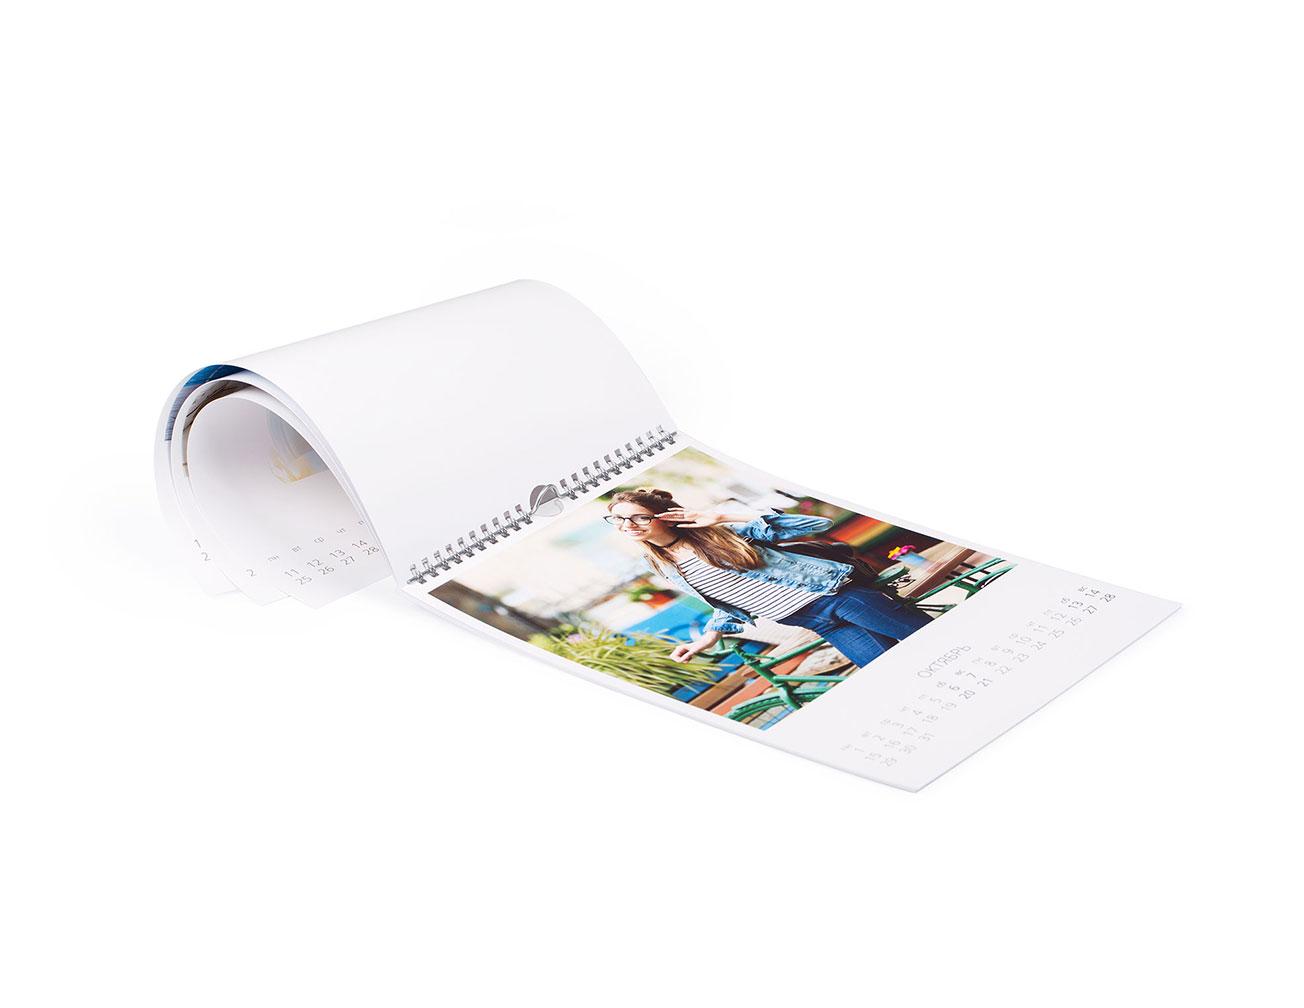 Календарь с фото перекидной А4: изготовление и печать на заказ в NetPrint